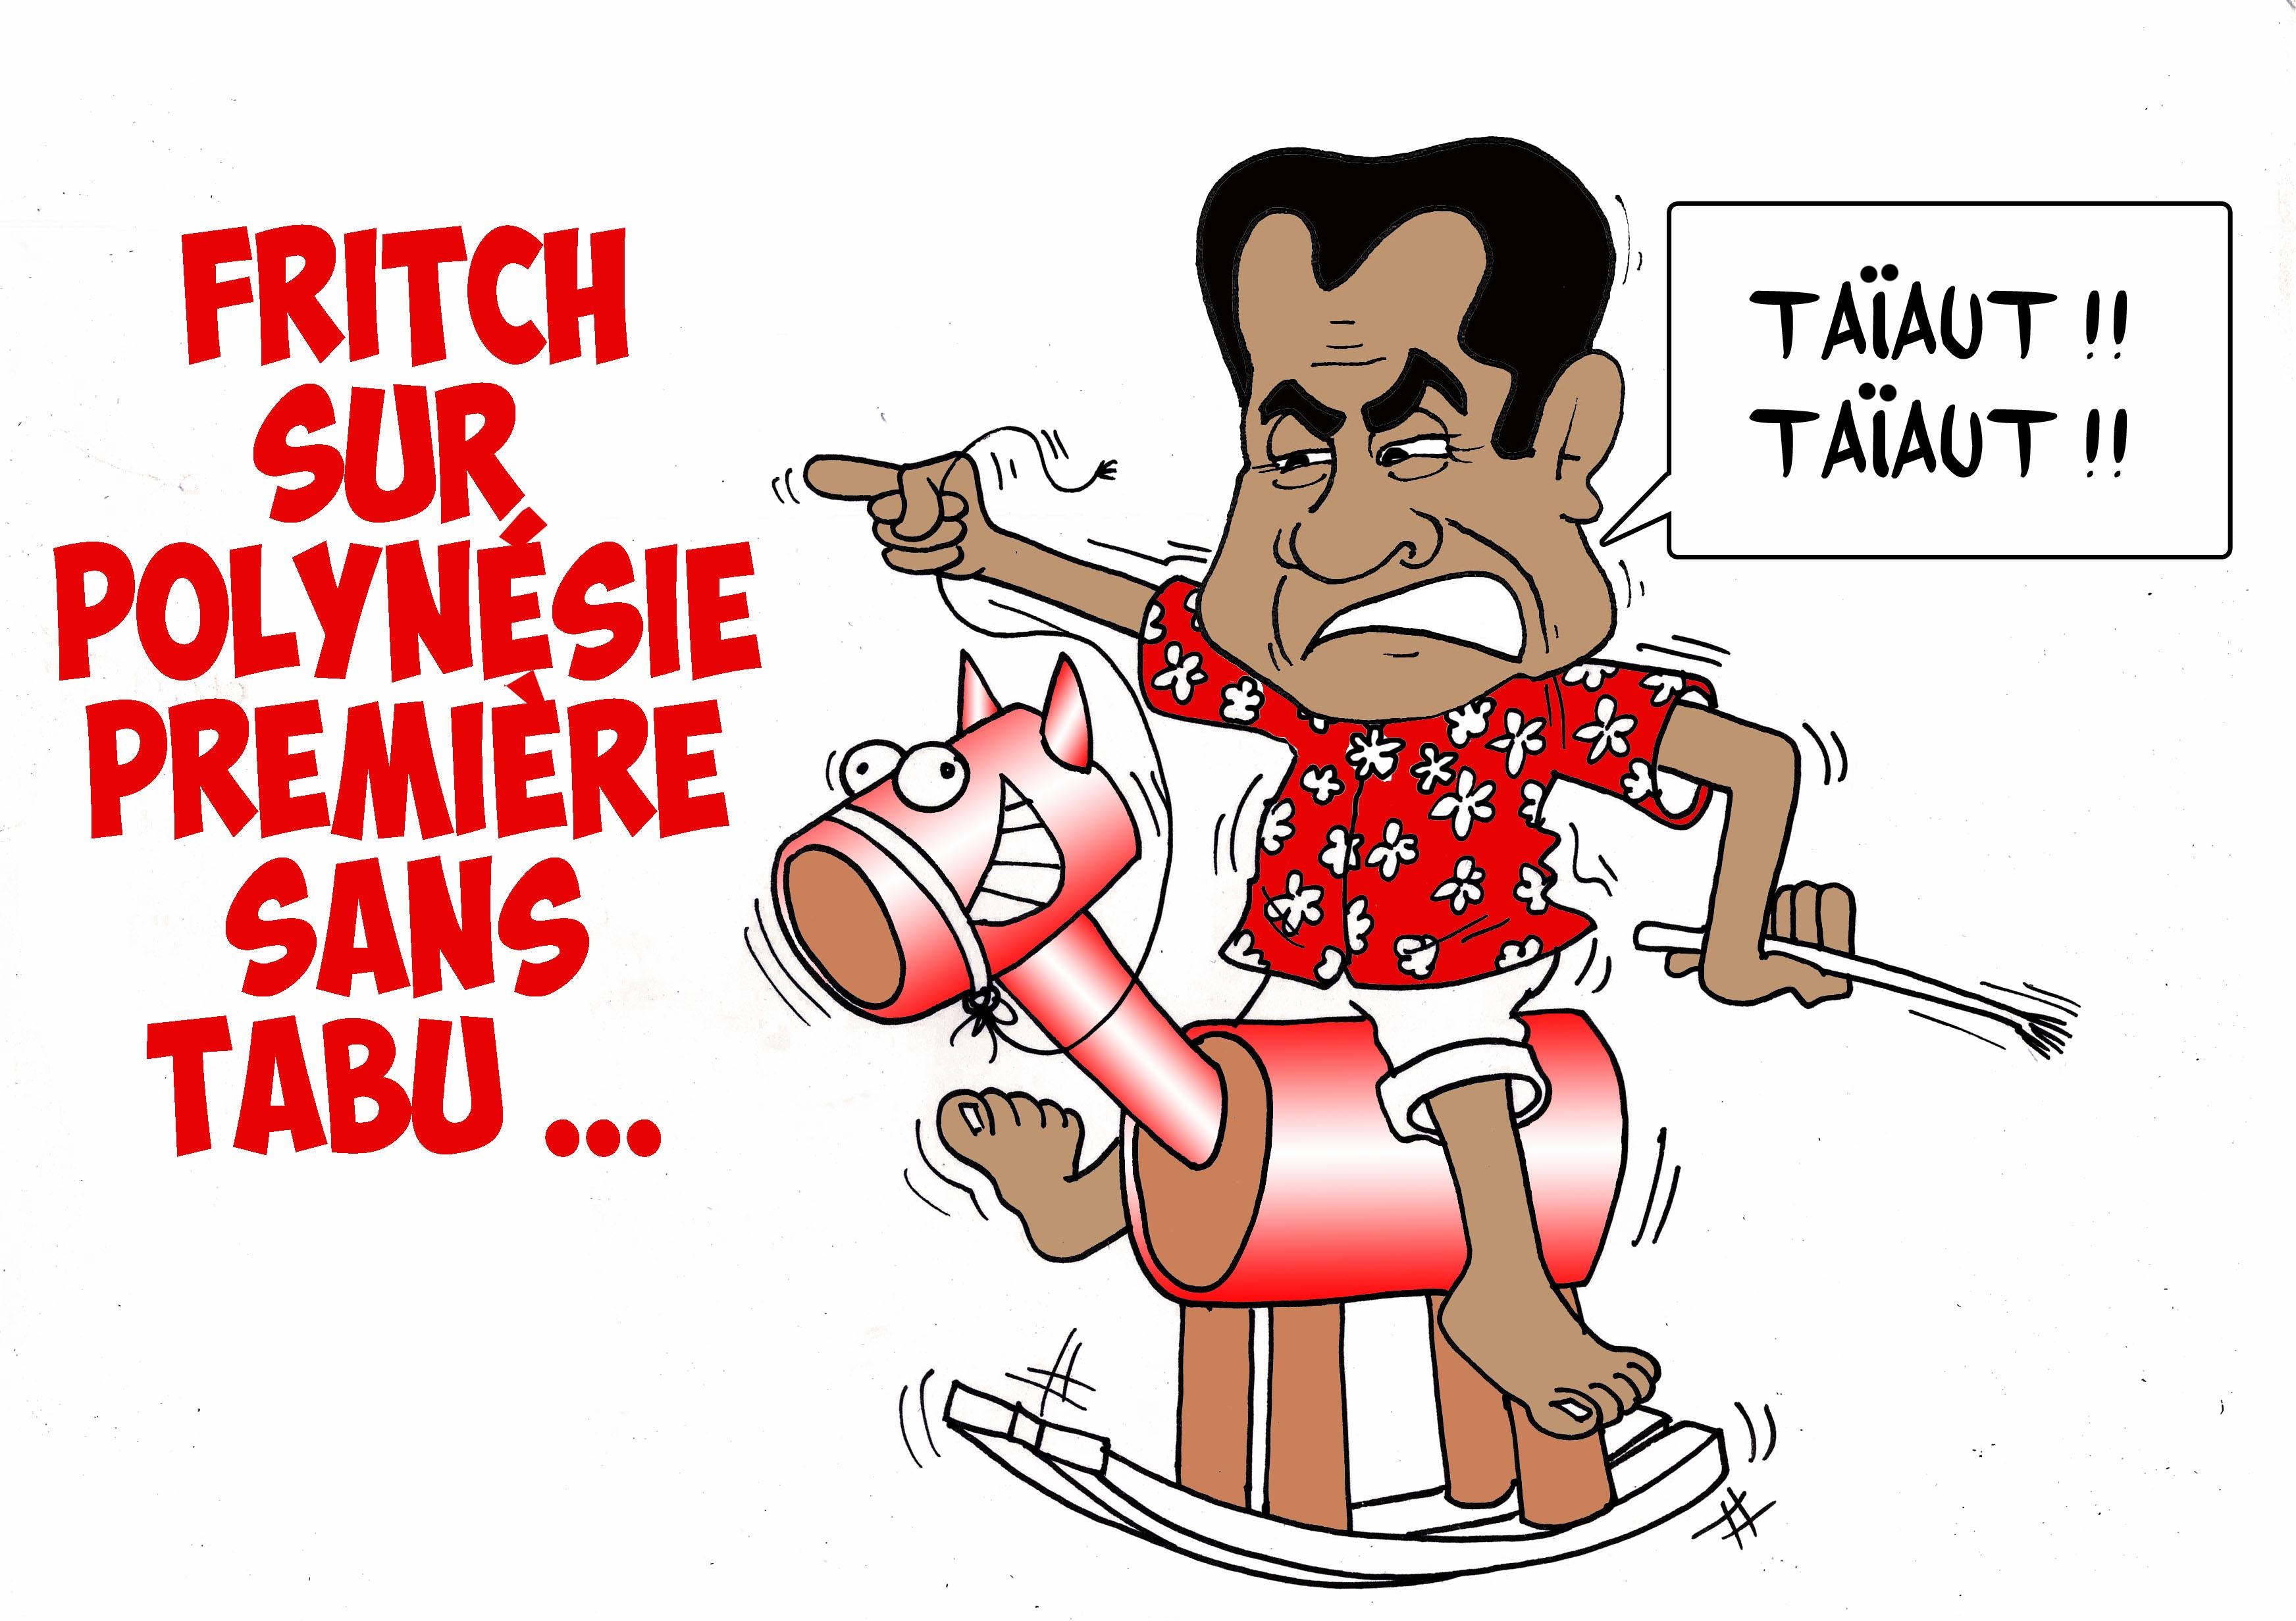 """"""" Fritch sans tabu """" par Munoz"""